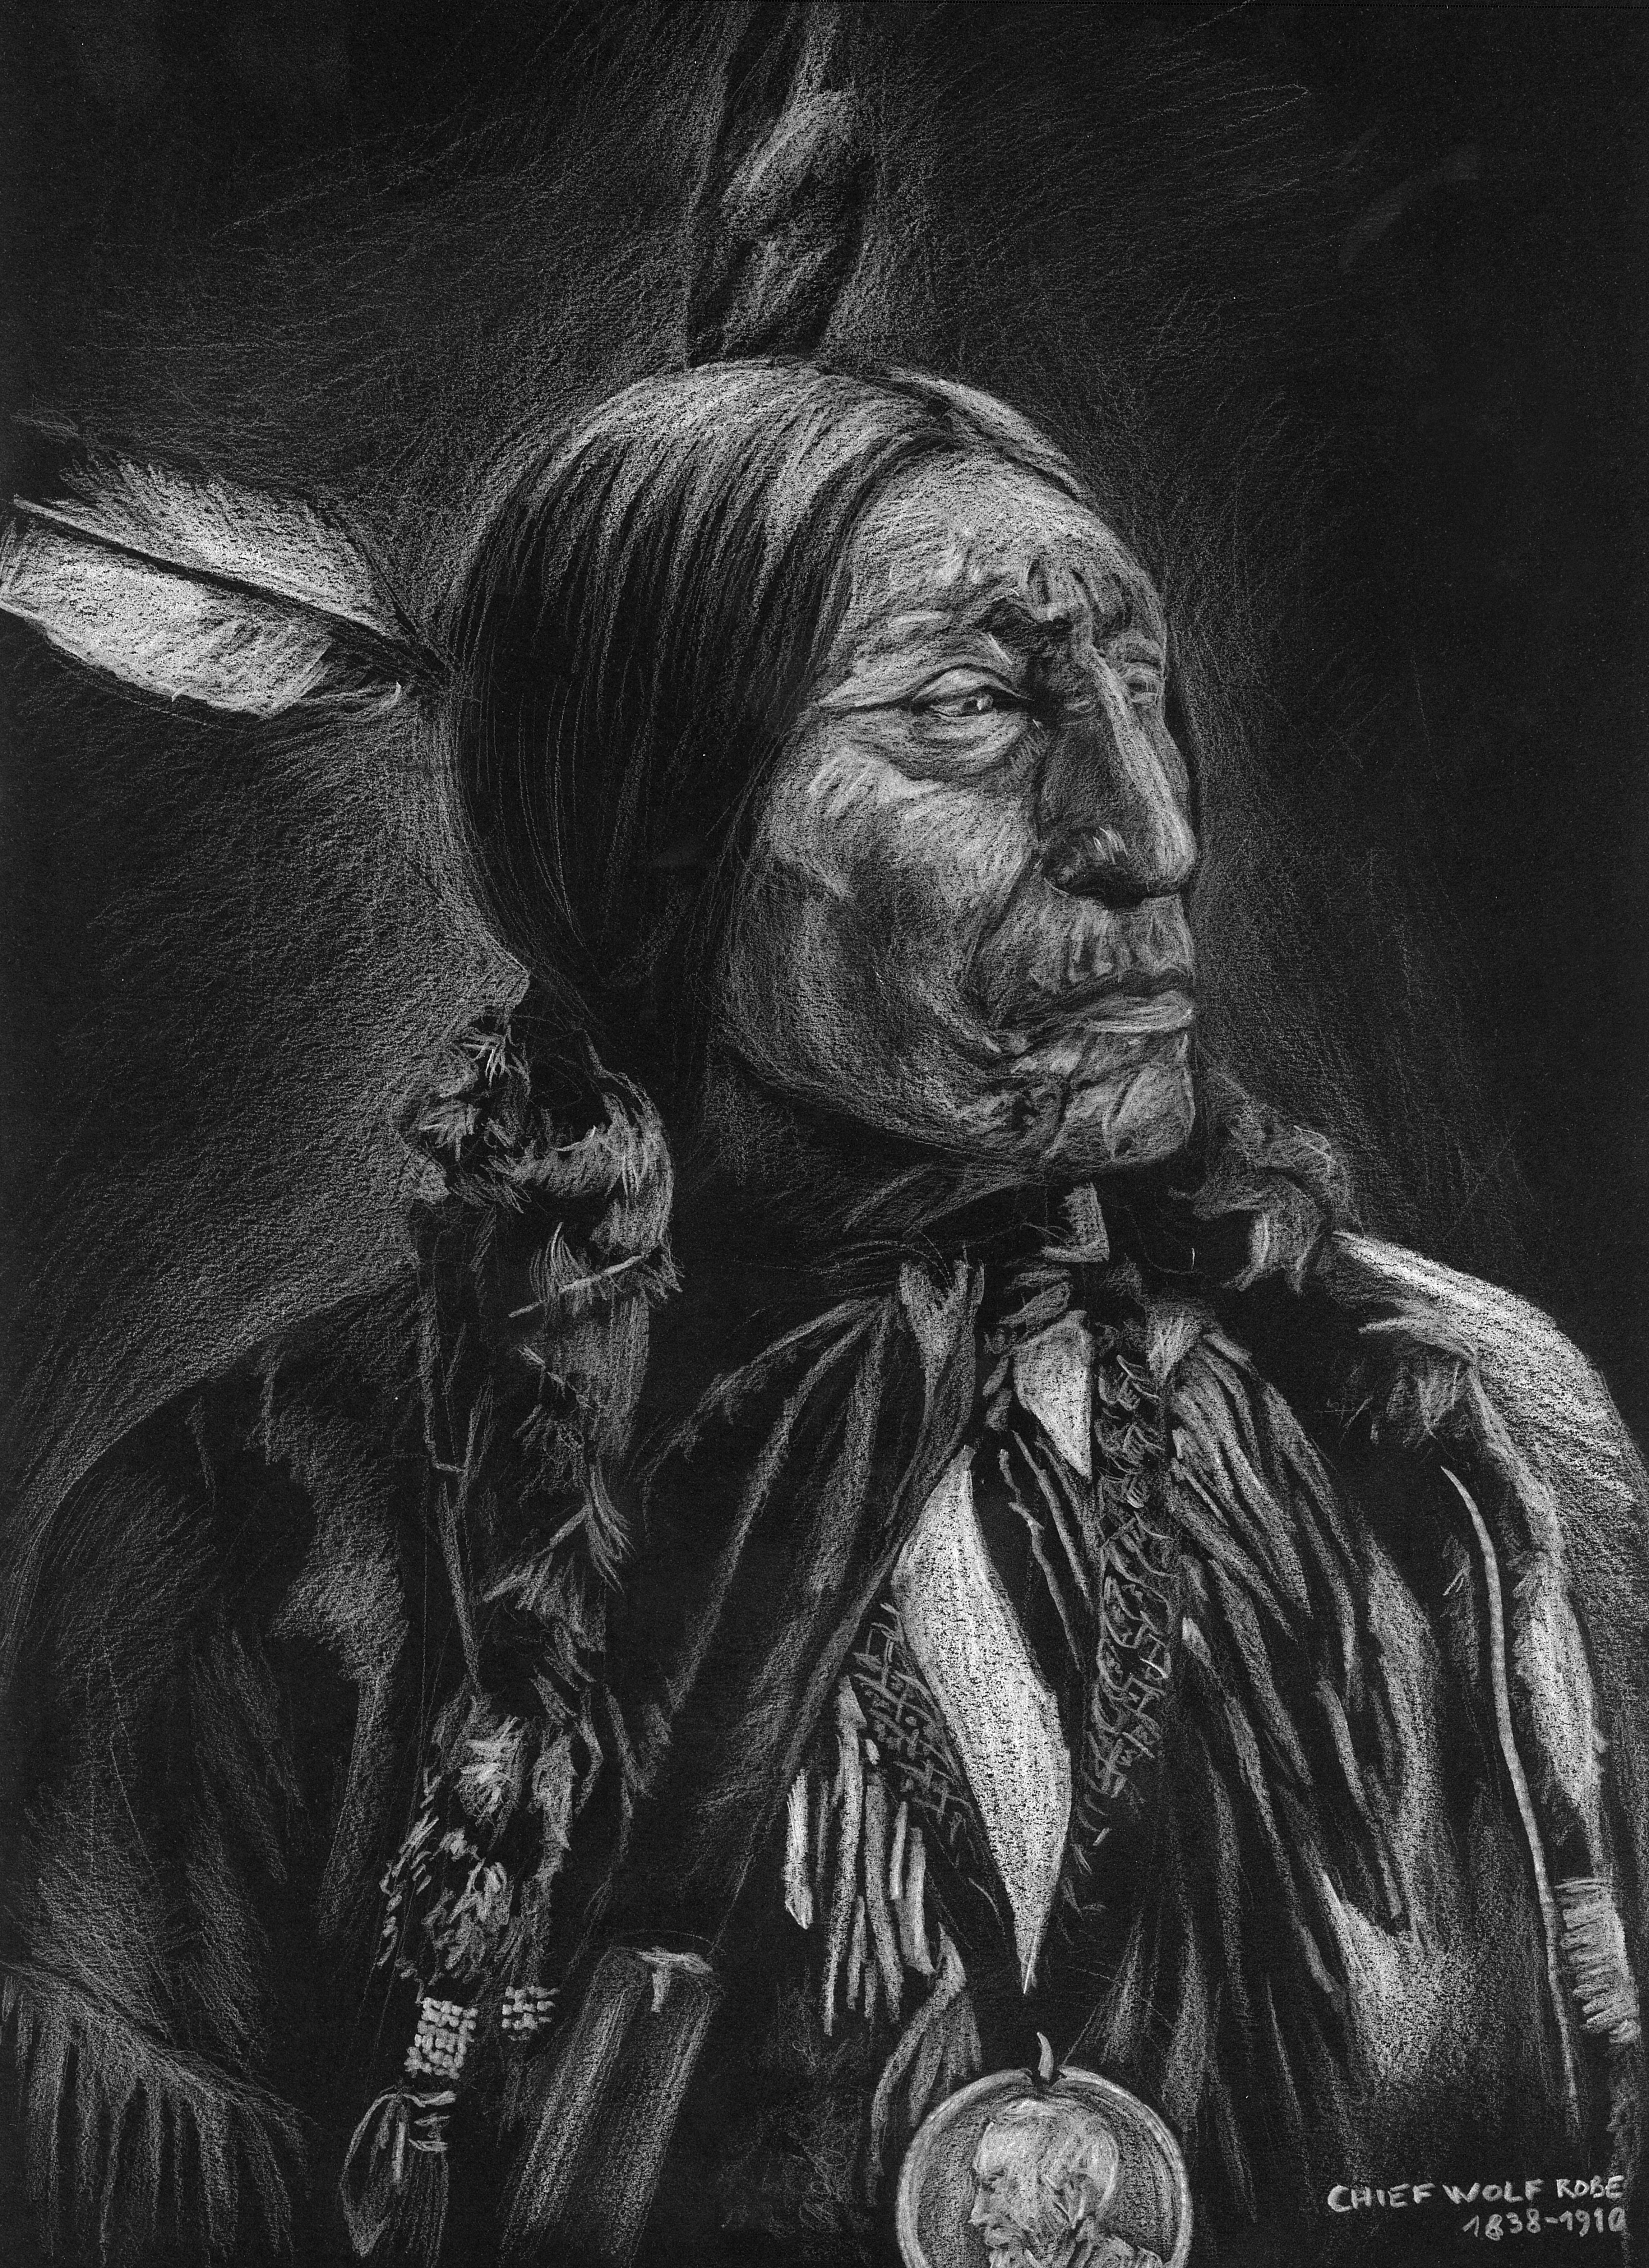 Chef indien Wolf Robe portrait